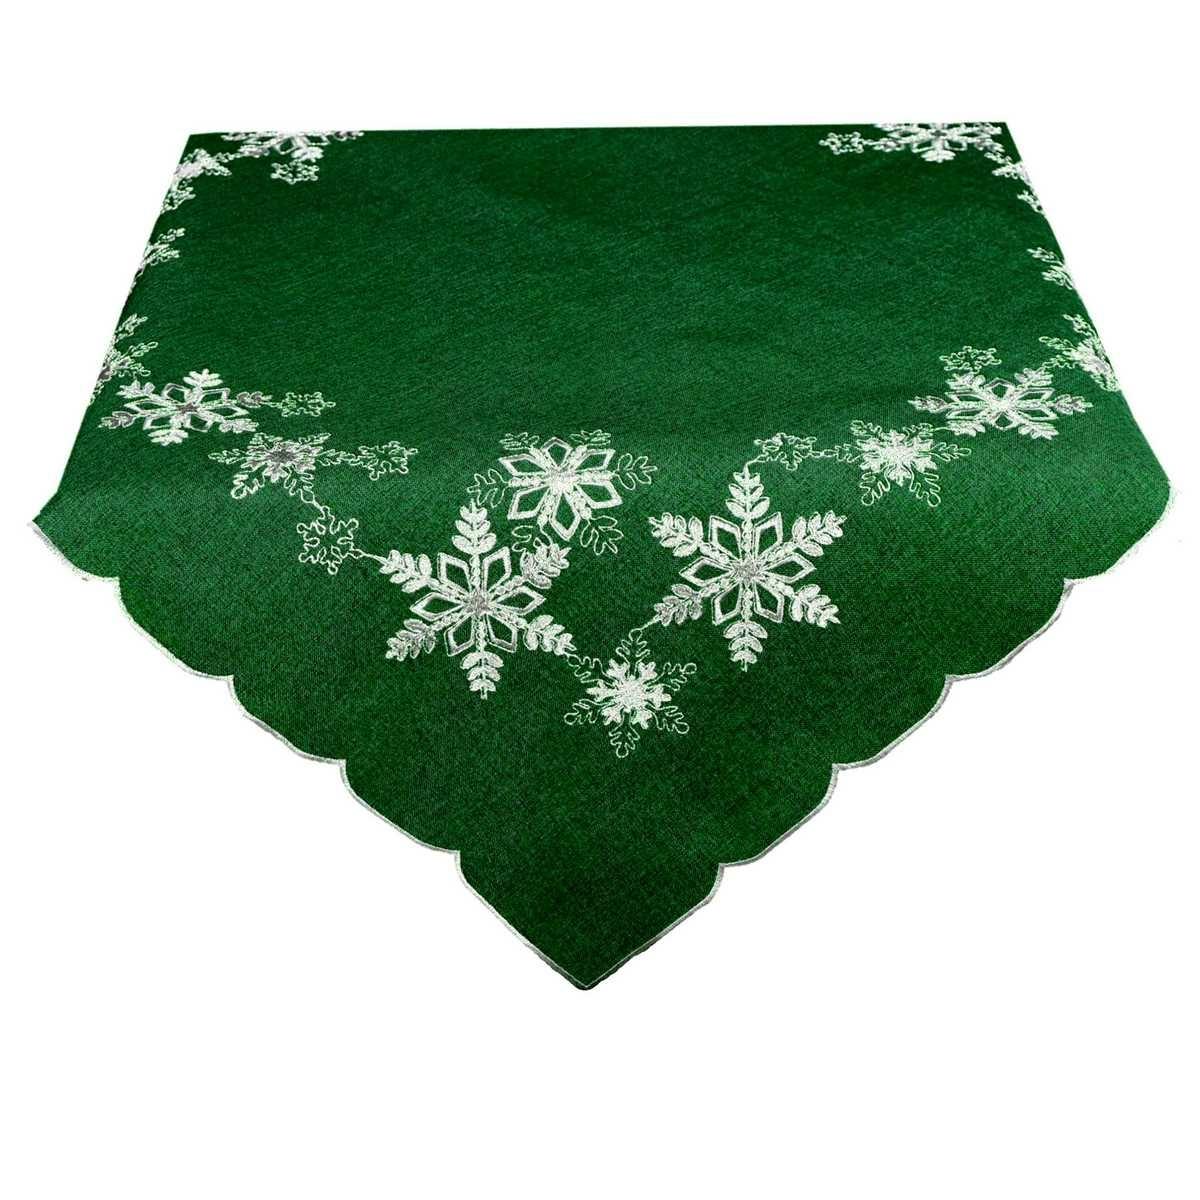 BO-MA Trading Vánoční ubrus Vločky zelená, 40 x 90 cm